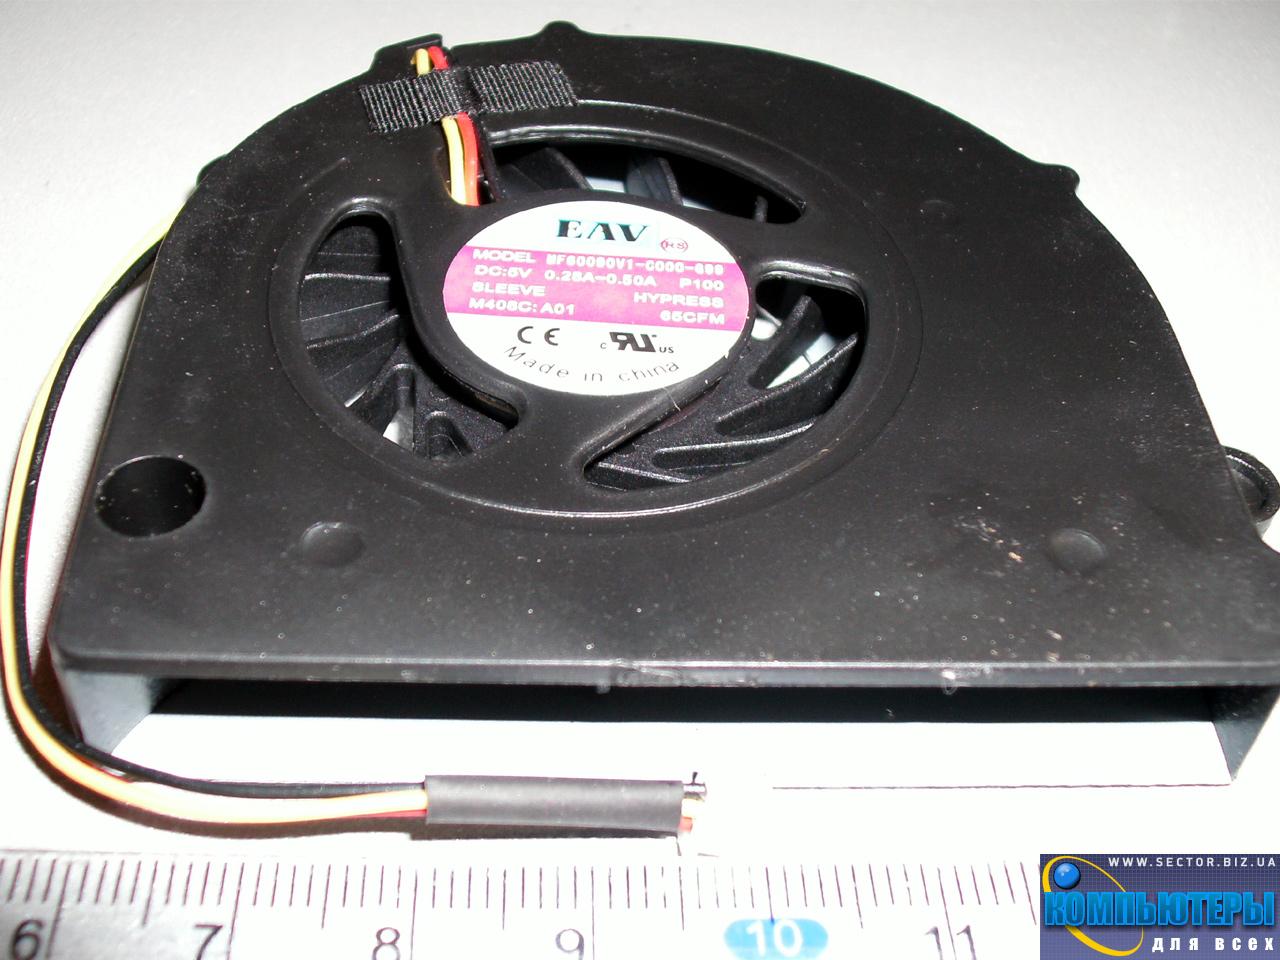 Кулер к ноутбуку Lenovo G450 G455 G550 G550M G555 B550 L3000 G450A G450M p/n: MF60090V1-C000-G99. Фото № 1.